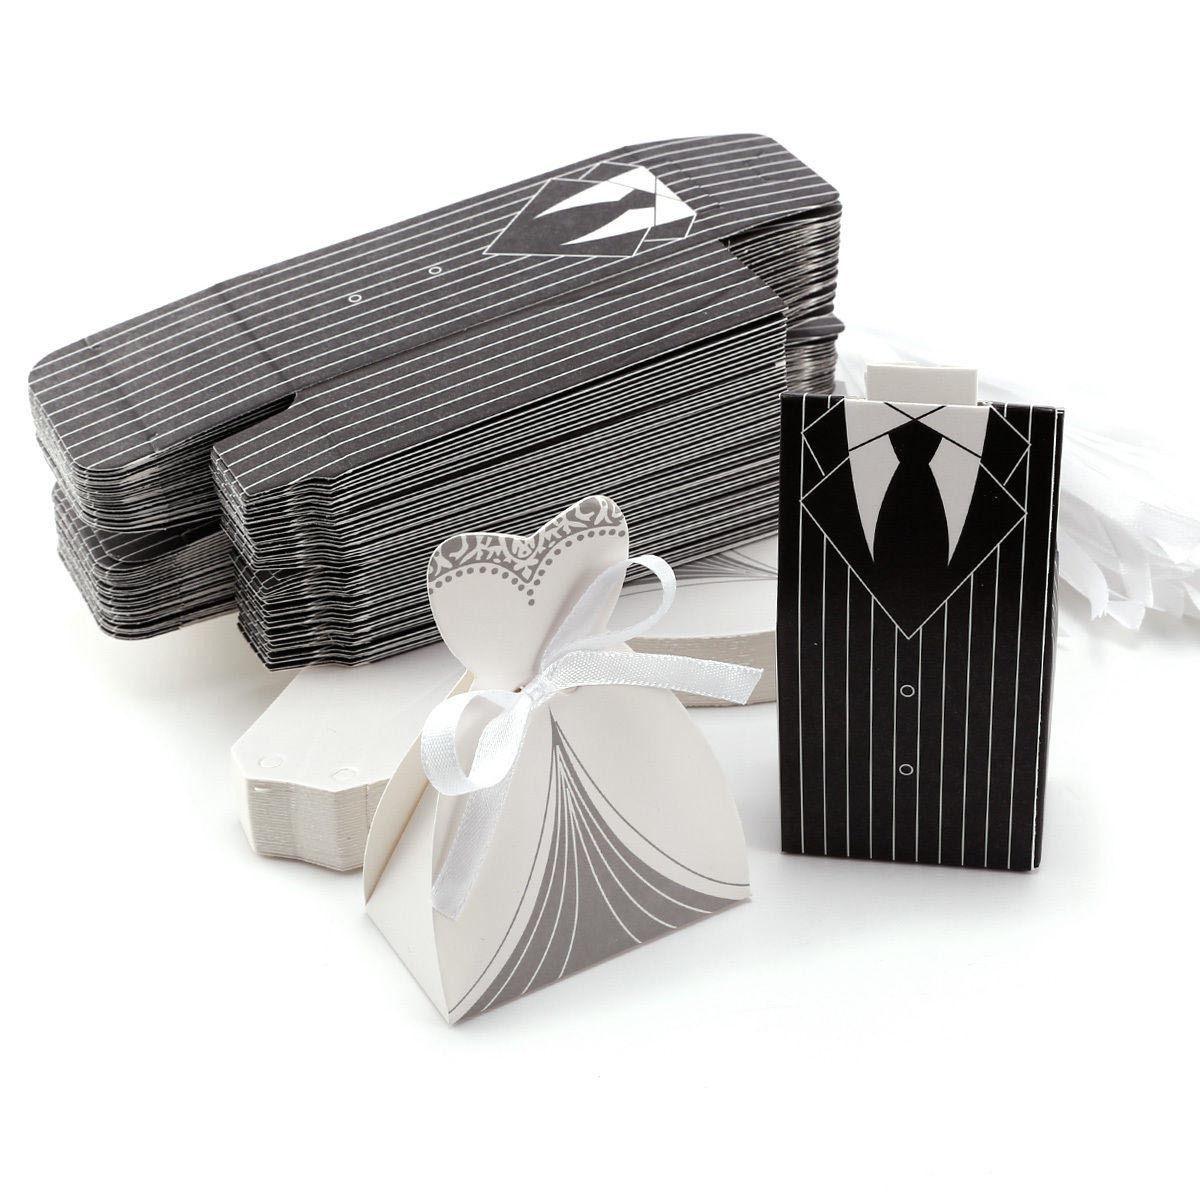 Süßigkeits-Kasten-Smoking-Kleid-Kleid-Braut-und Bräutigam-Hochzeits-Geschenk-Süßigkeit-Bevorzugungs-Kasten-Partei-Versorgungsmaterialien Freies Verschiffen